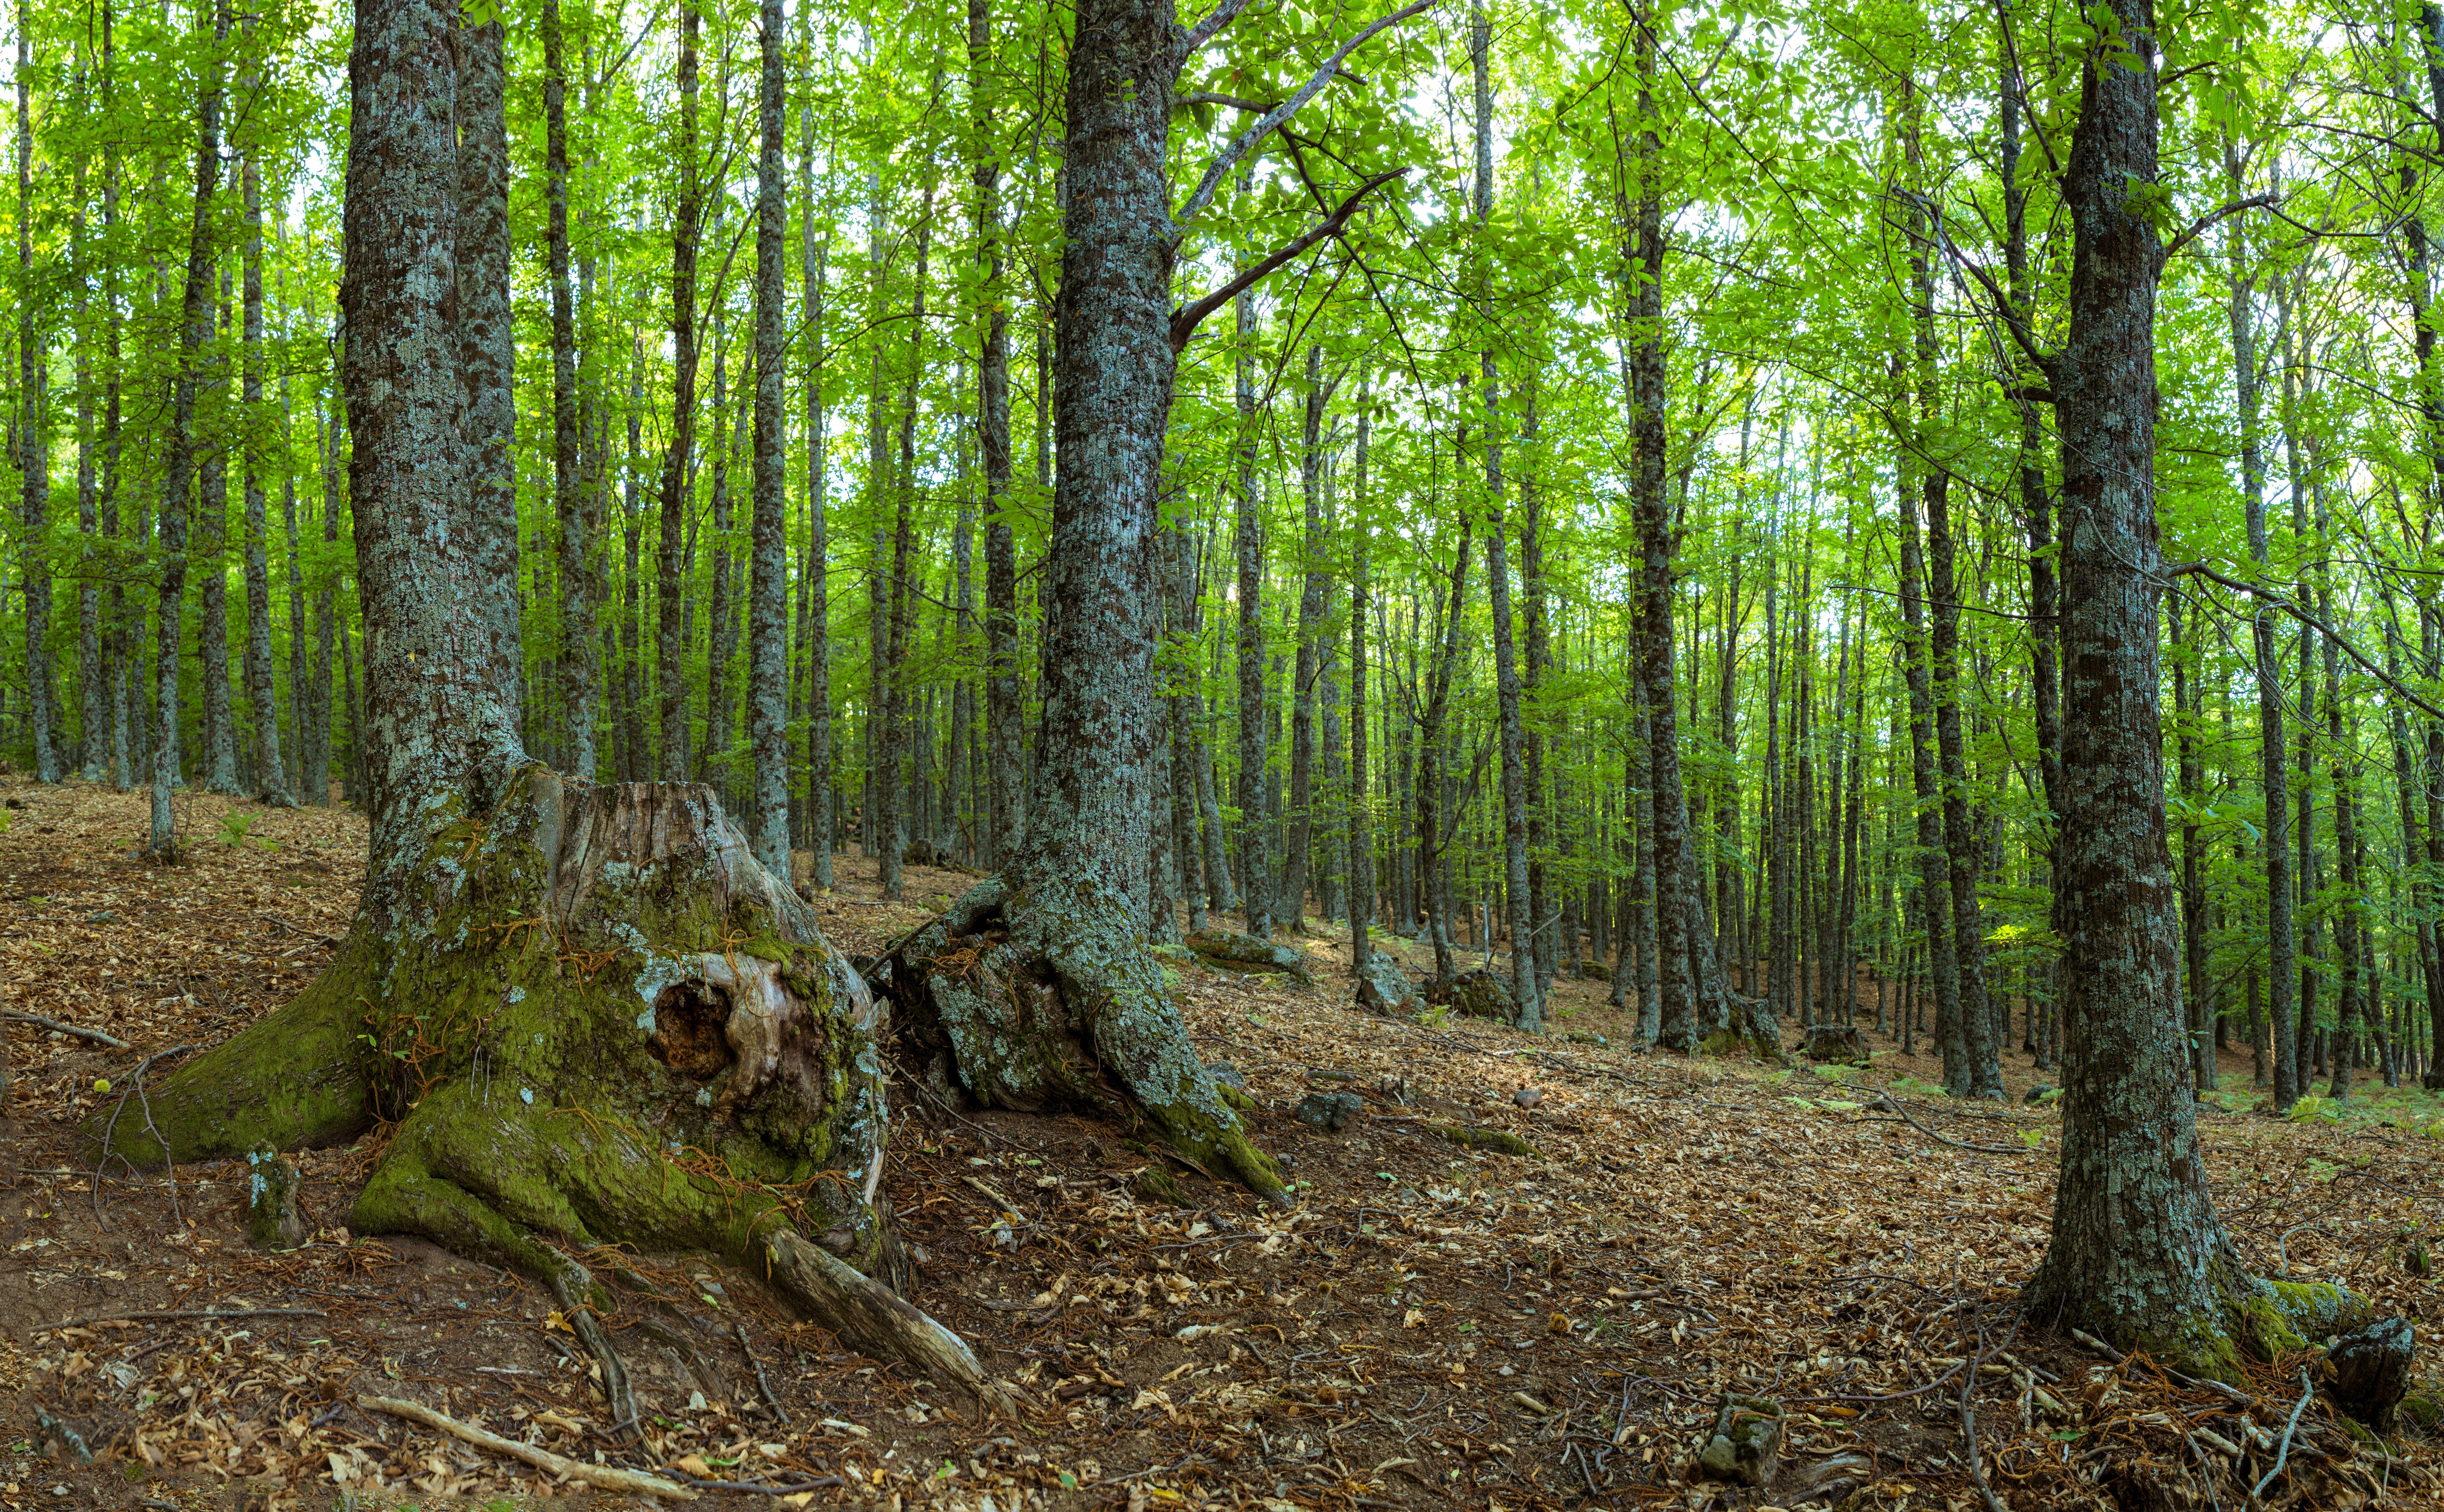 Bosque 8k Ultra Fondo De Pantalla Hd Fondo De Escritorio